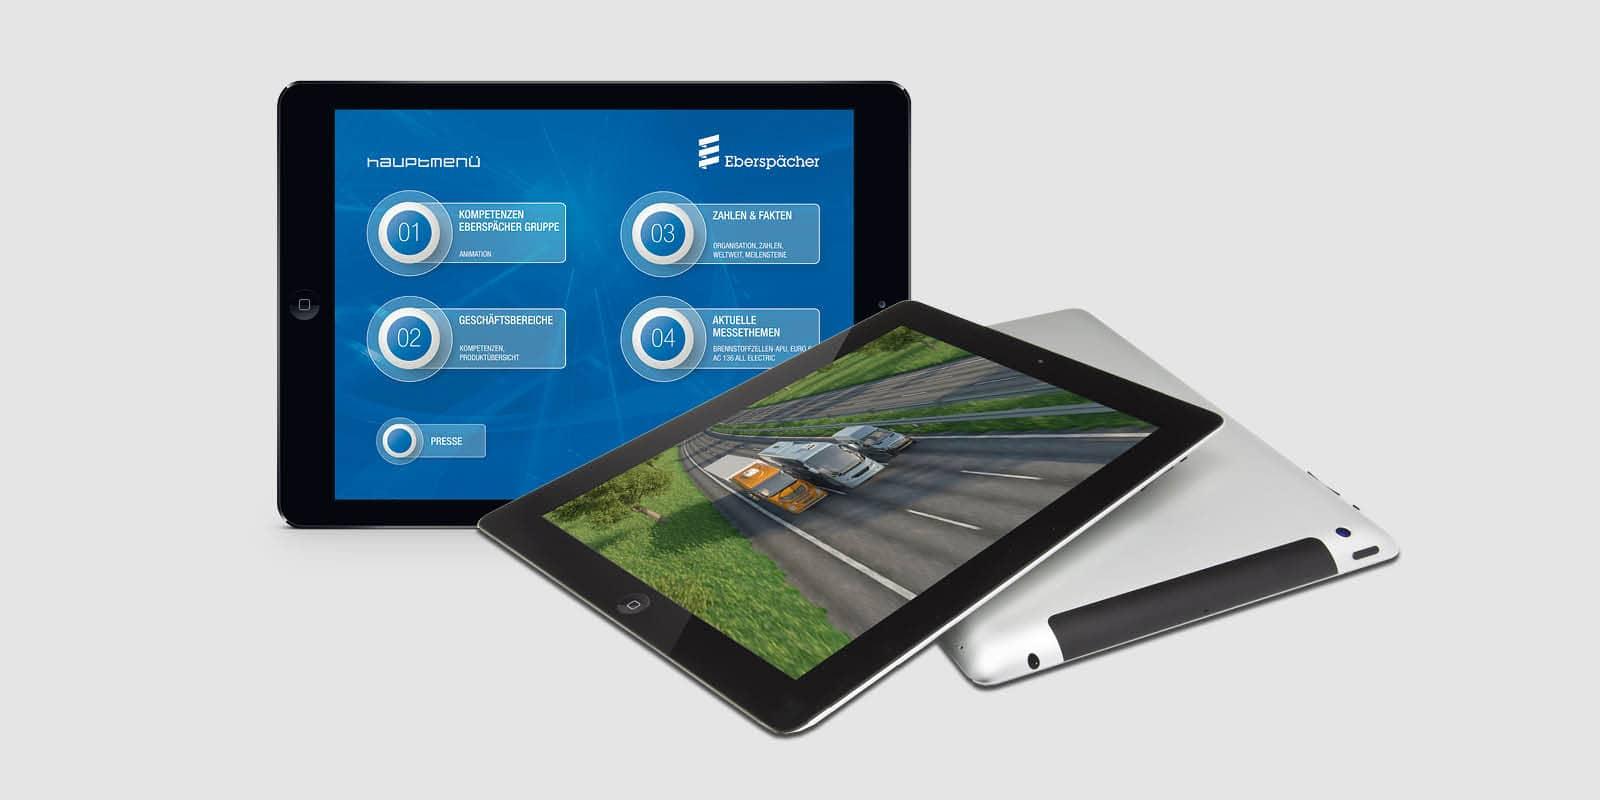 Eberspächer – IAA iPad-Präsentation als APP